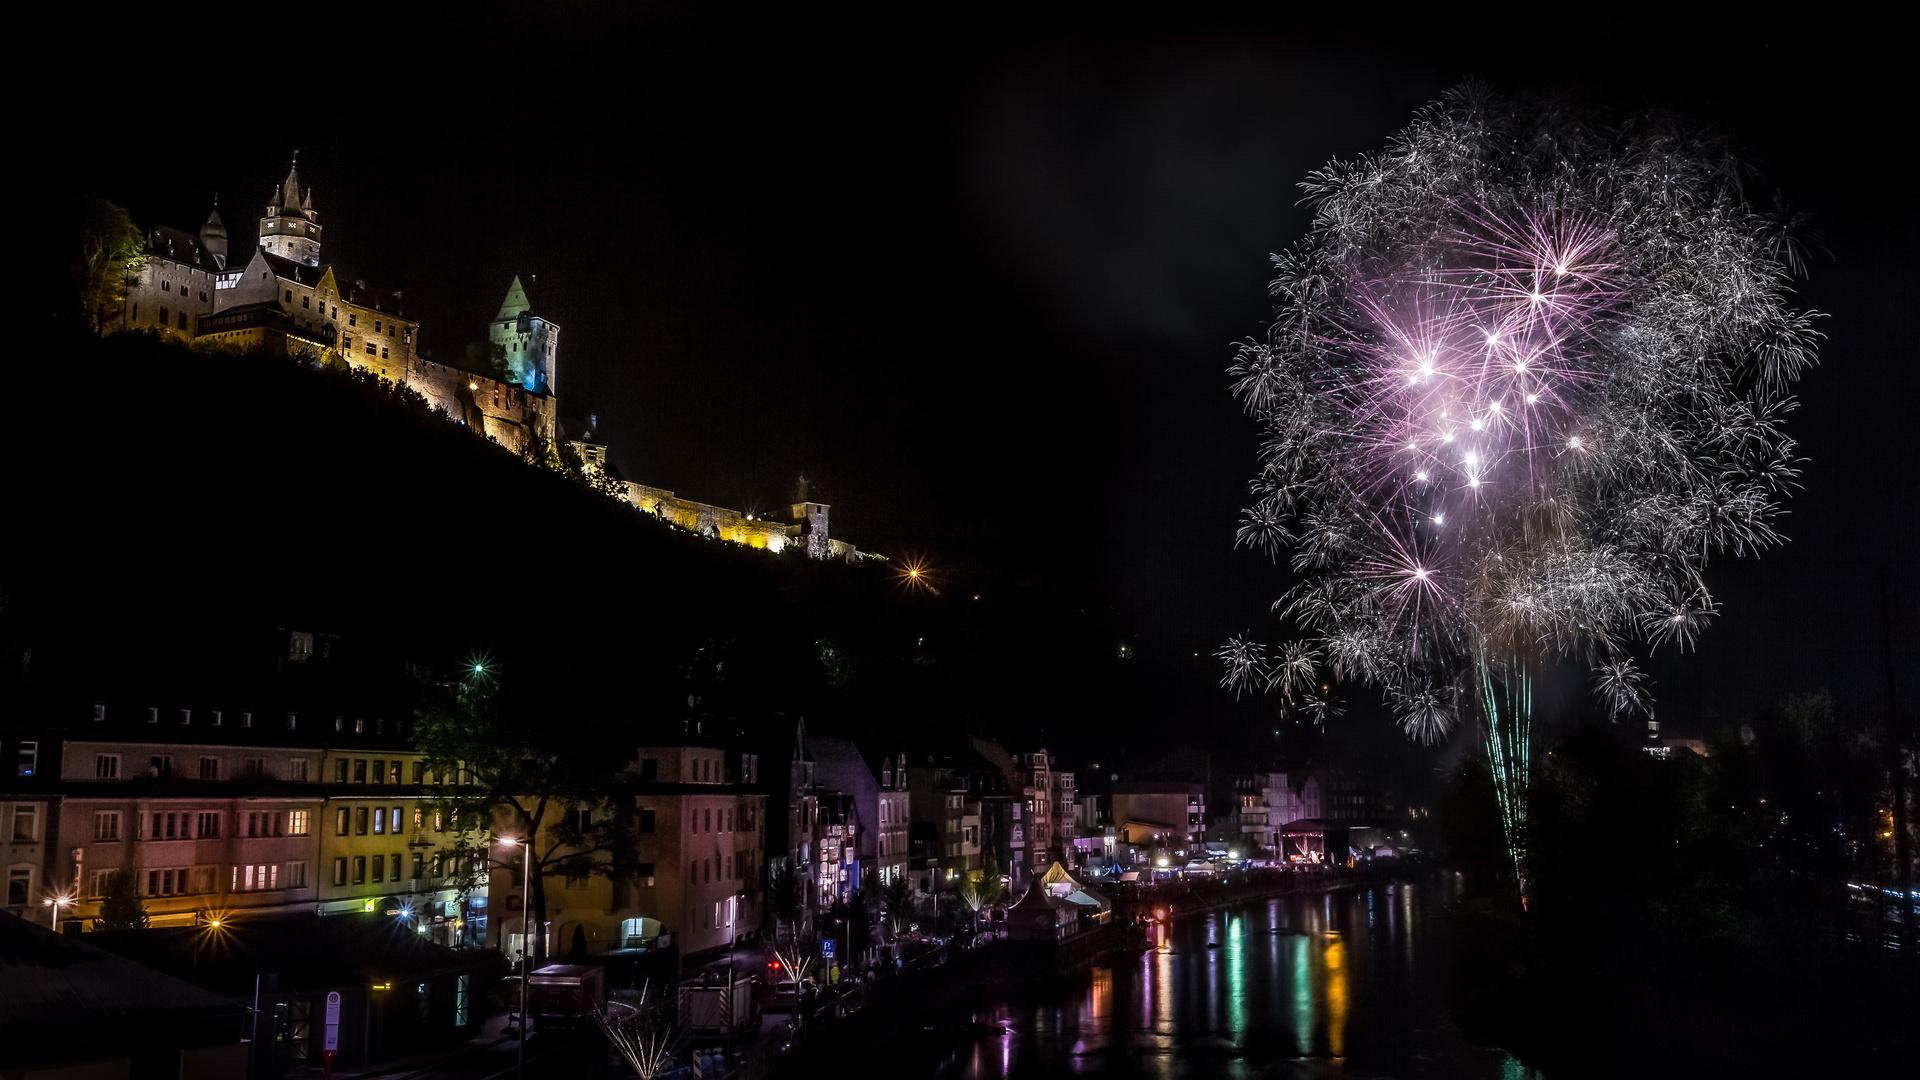 Feuerwerk an der Burg Altena